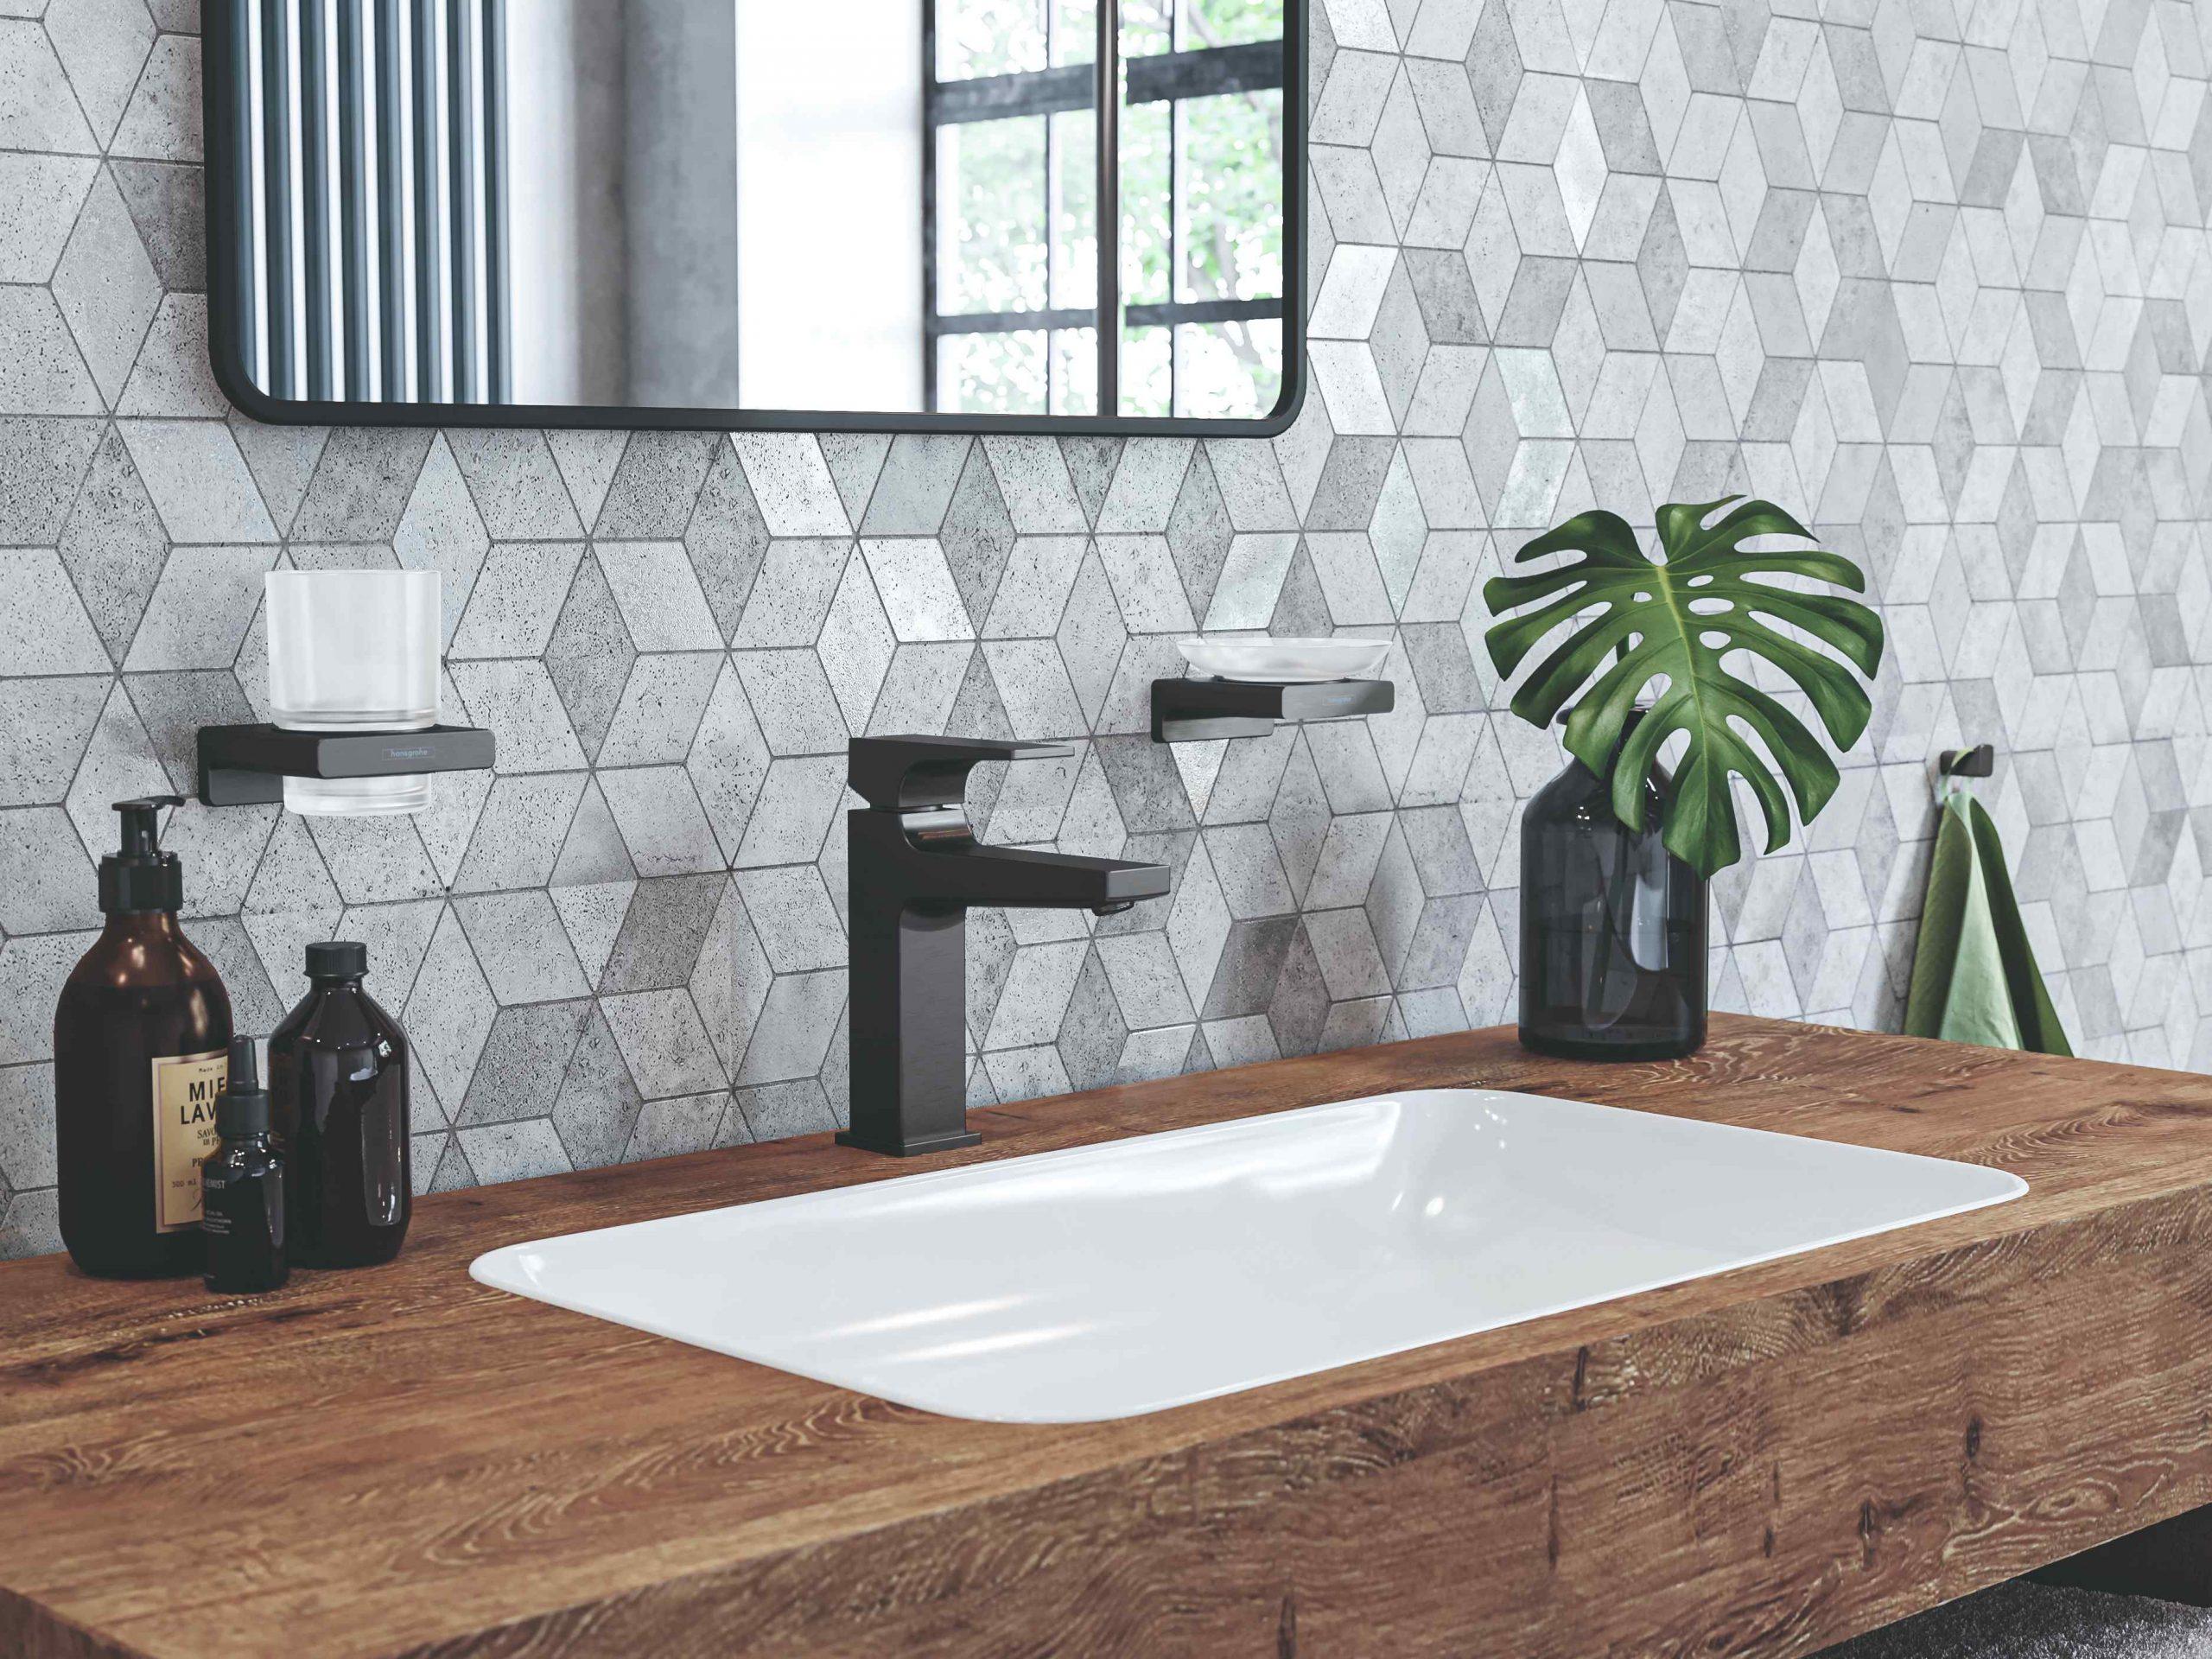 Moderné obdĺžnikové umývadlo s mozaikovou stenou